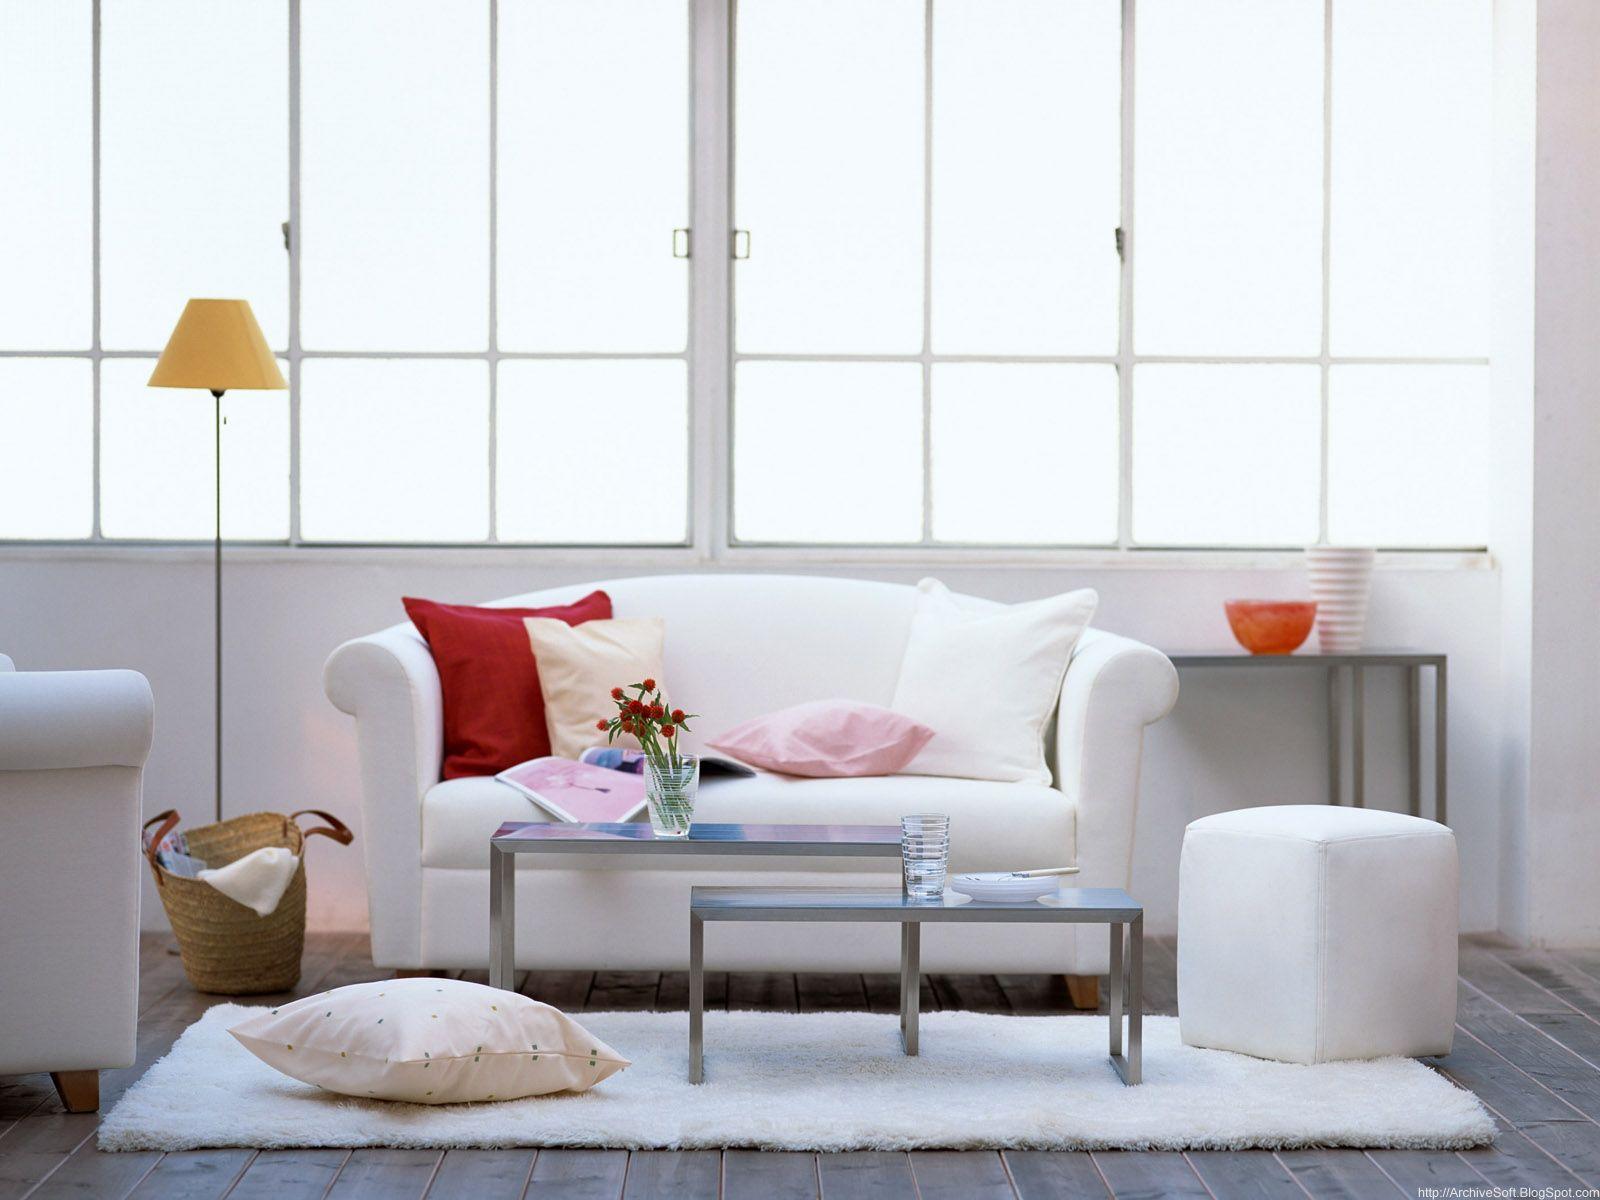 AAAAAAAAAyQ FA0i8GViCYs1600white home interior wallpaperjpg 1600x1200